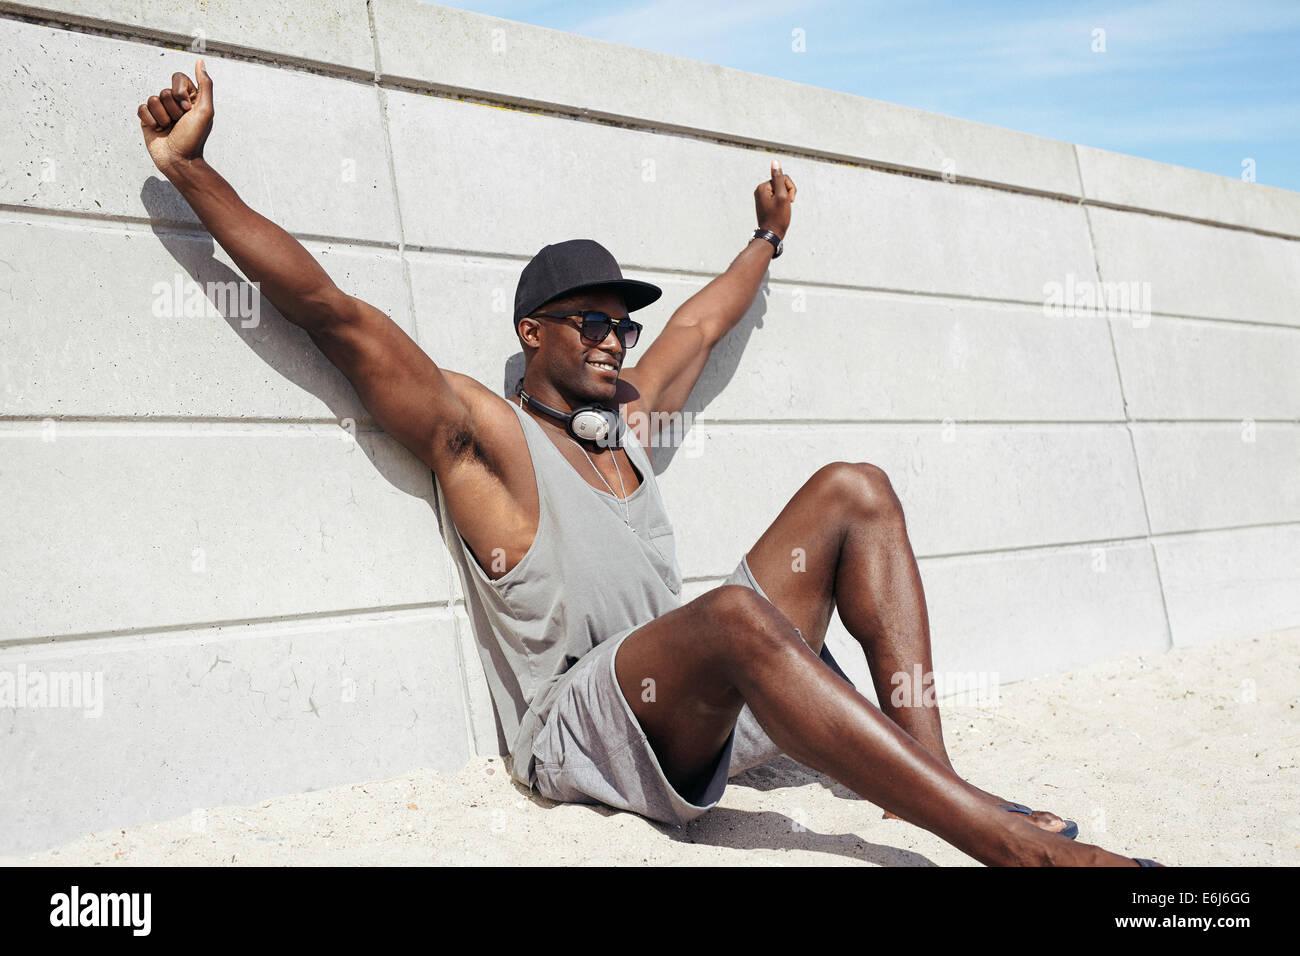 Jeune homme musclé assis par un mur s'étendant ses mains en souriant. Modèle masculin africain sur la plage. Banque D'Images